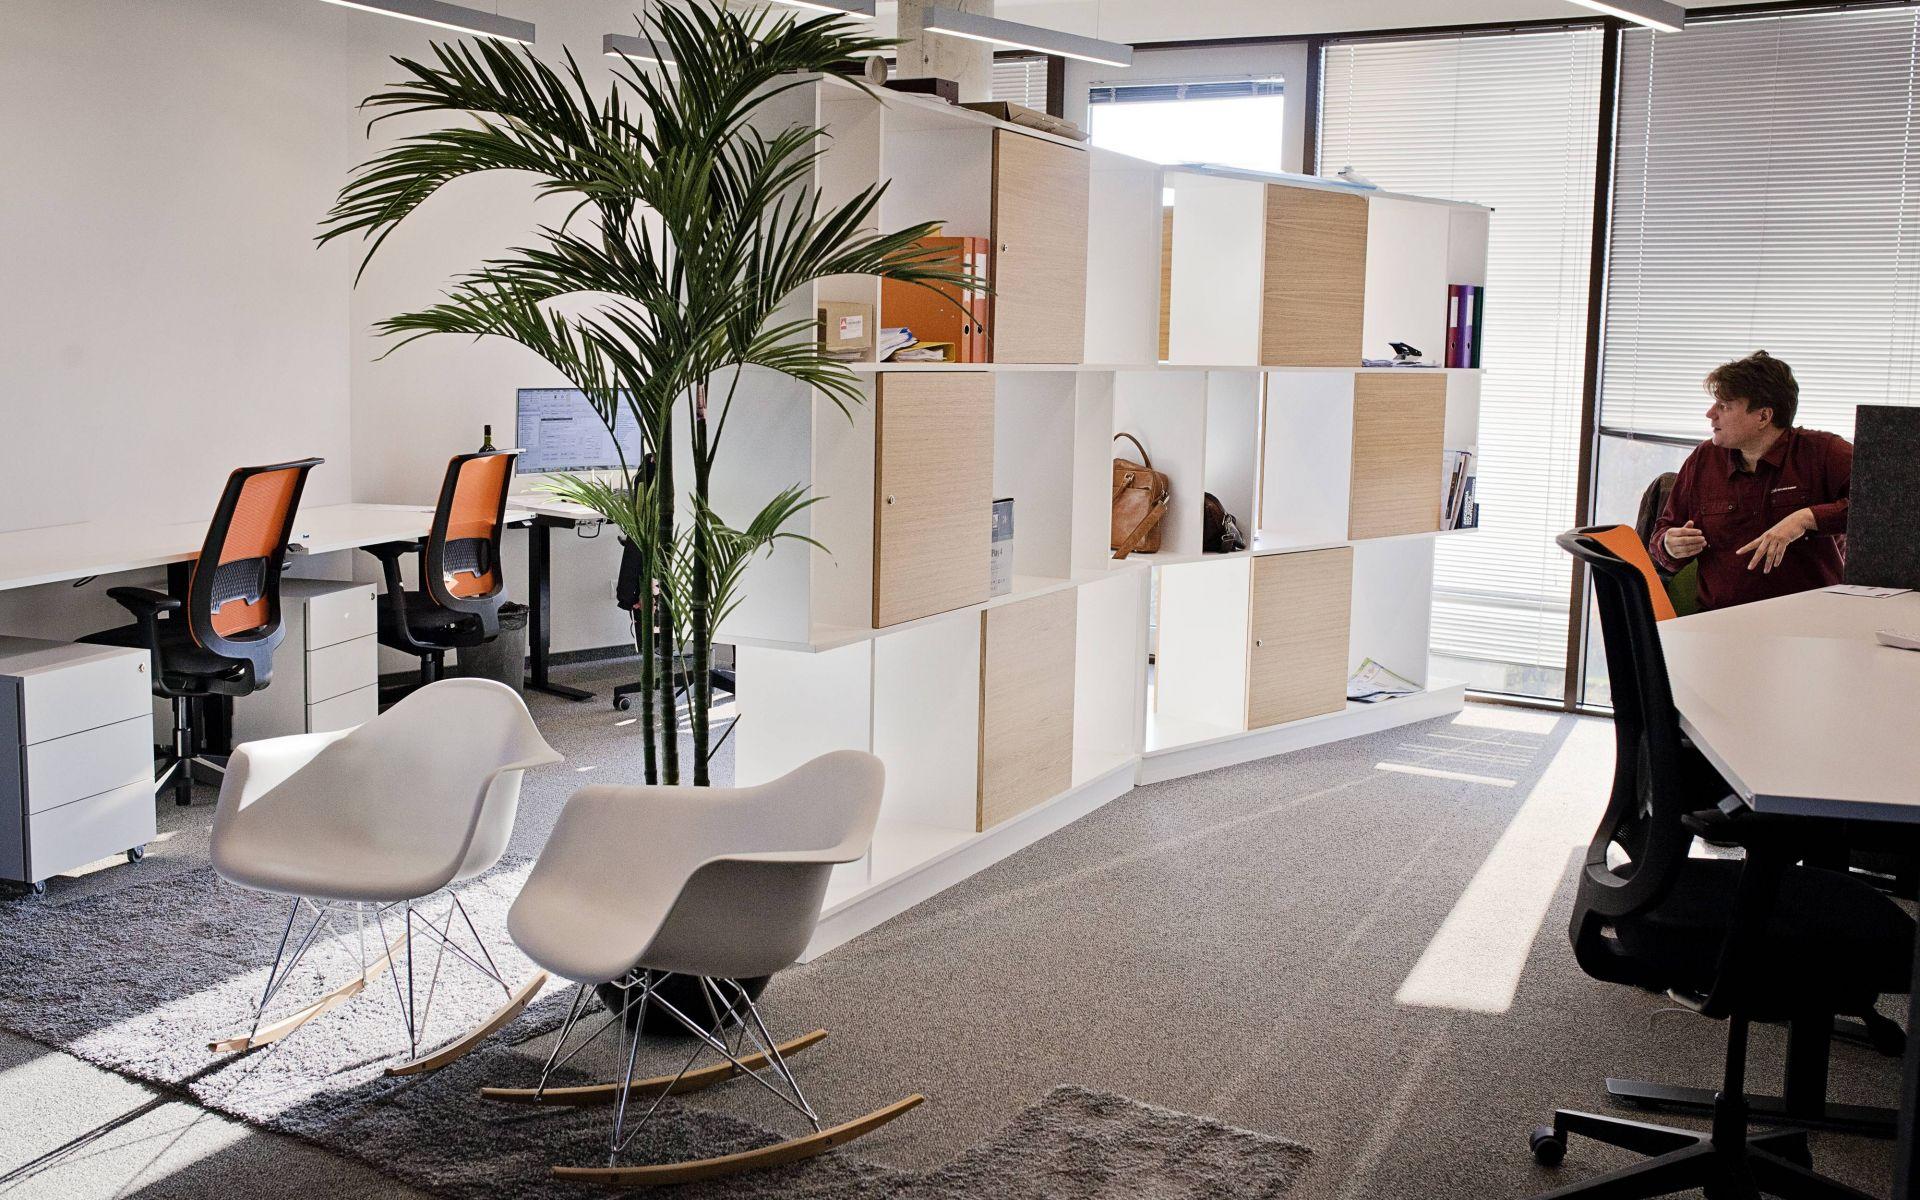 24/7 Office (Nõmme), Tallinn